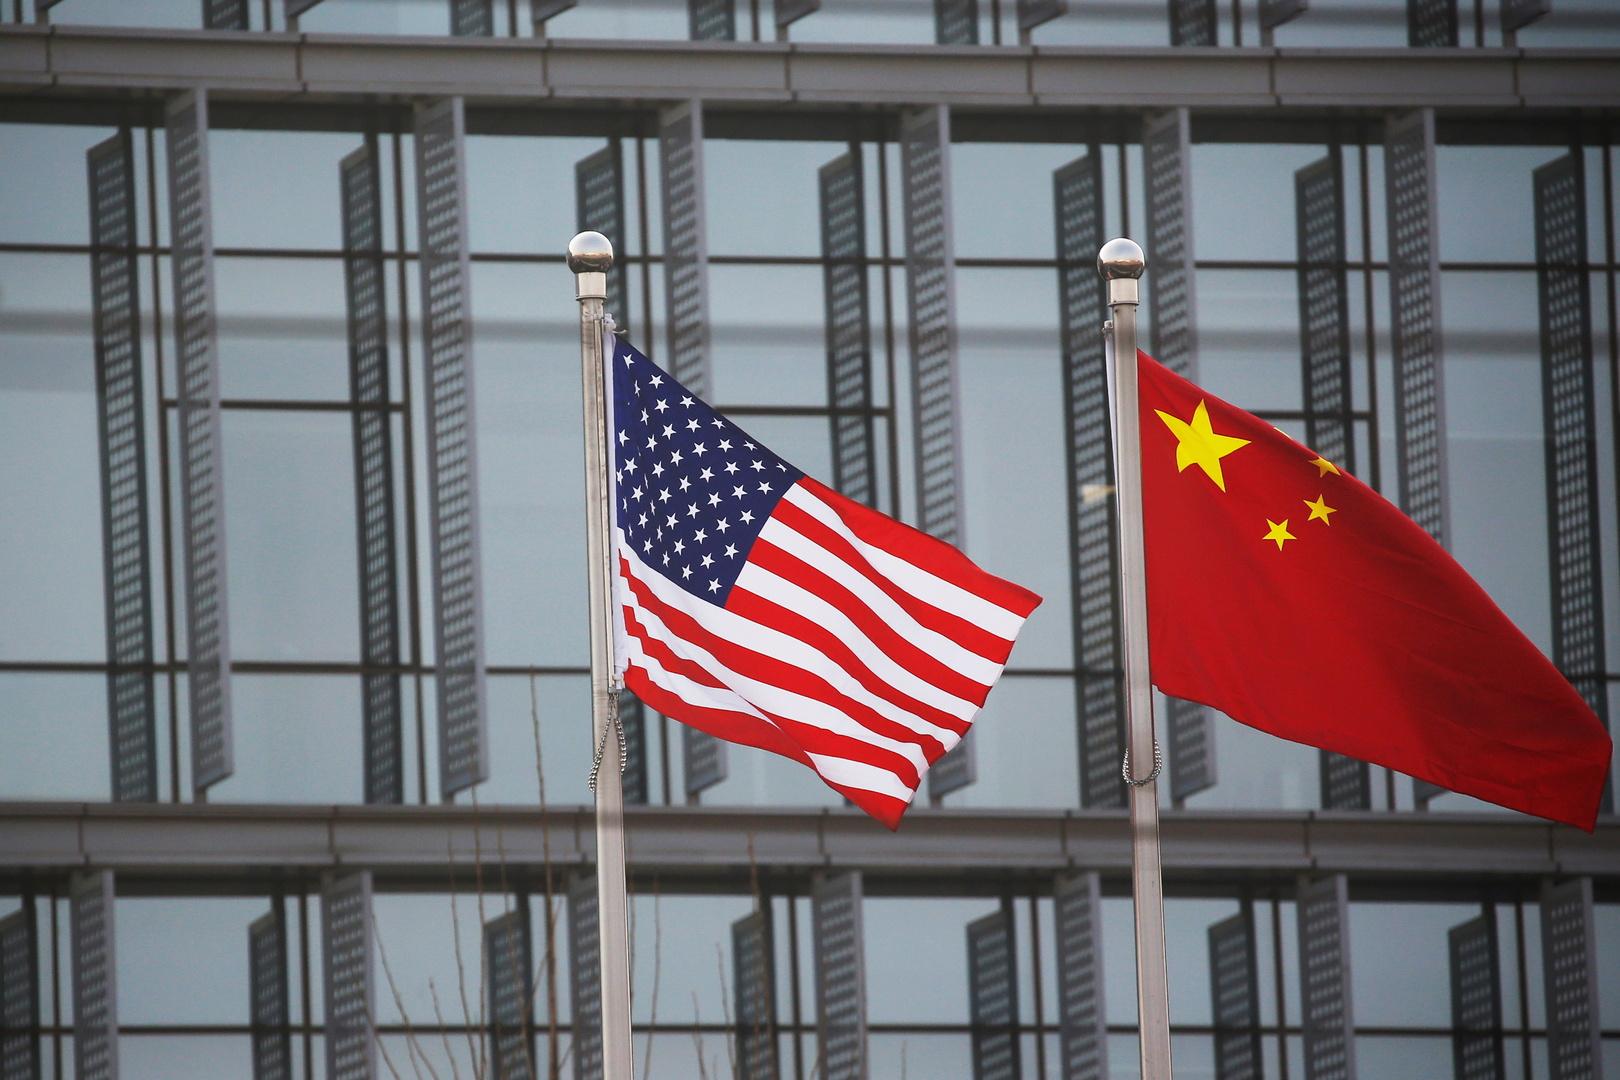 سفير الصين في واشنطن: معاملتنا كعدو وهمي ستكون خطأ استراتيجيا كبيرا